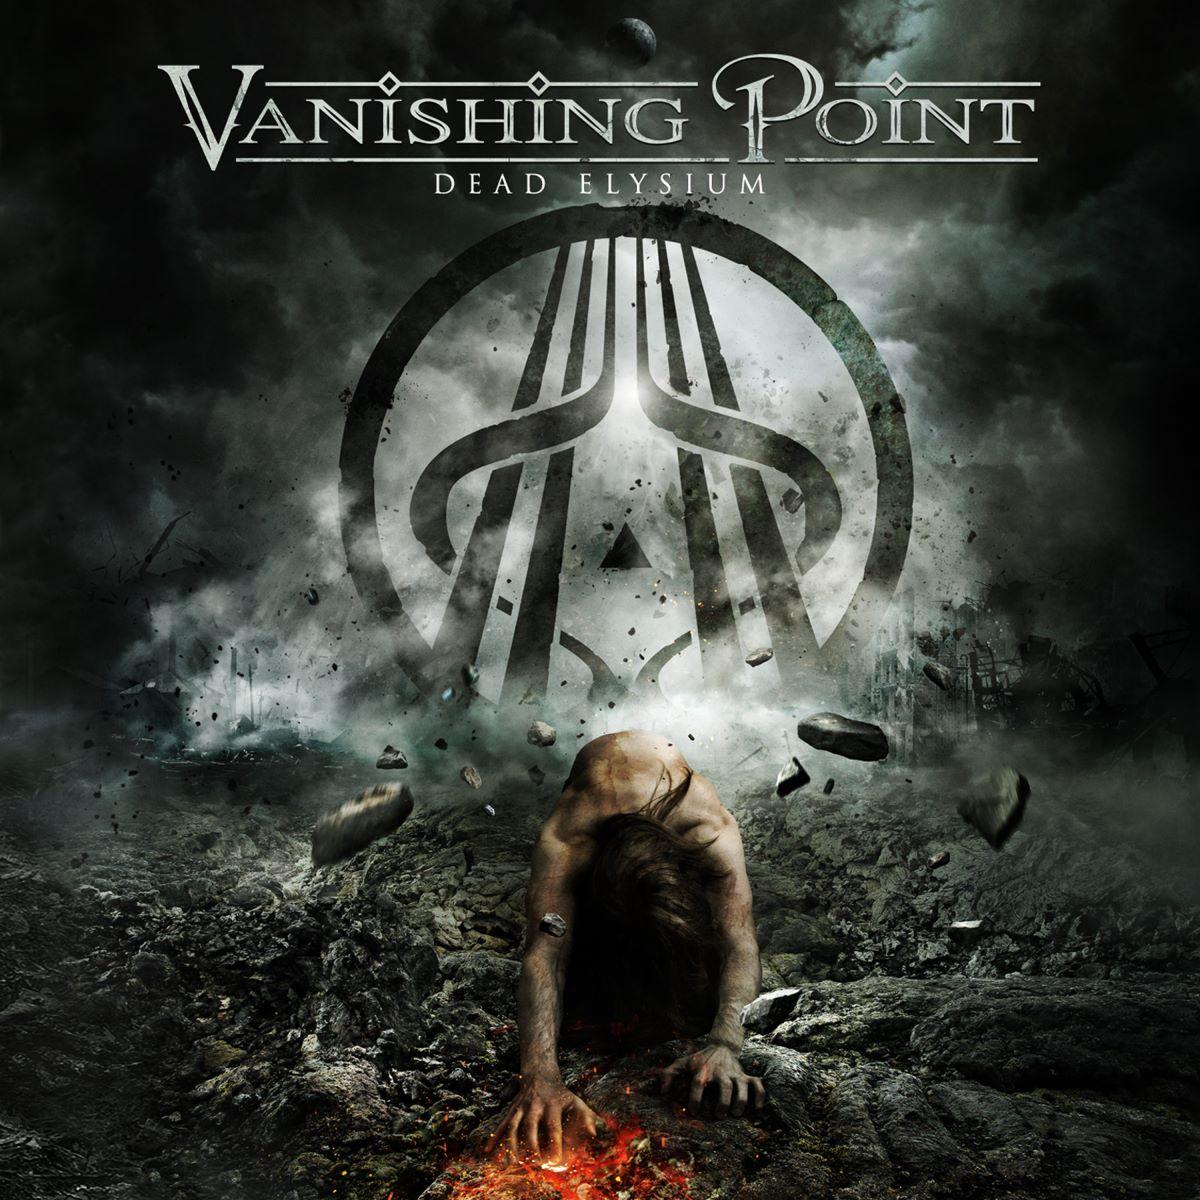 VANISHING POINT - Dead Elysium - album cover